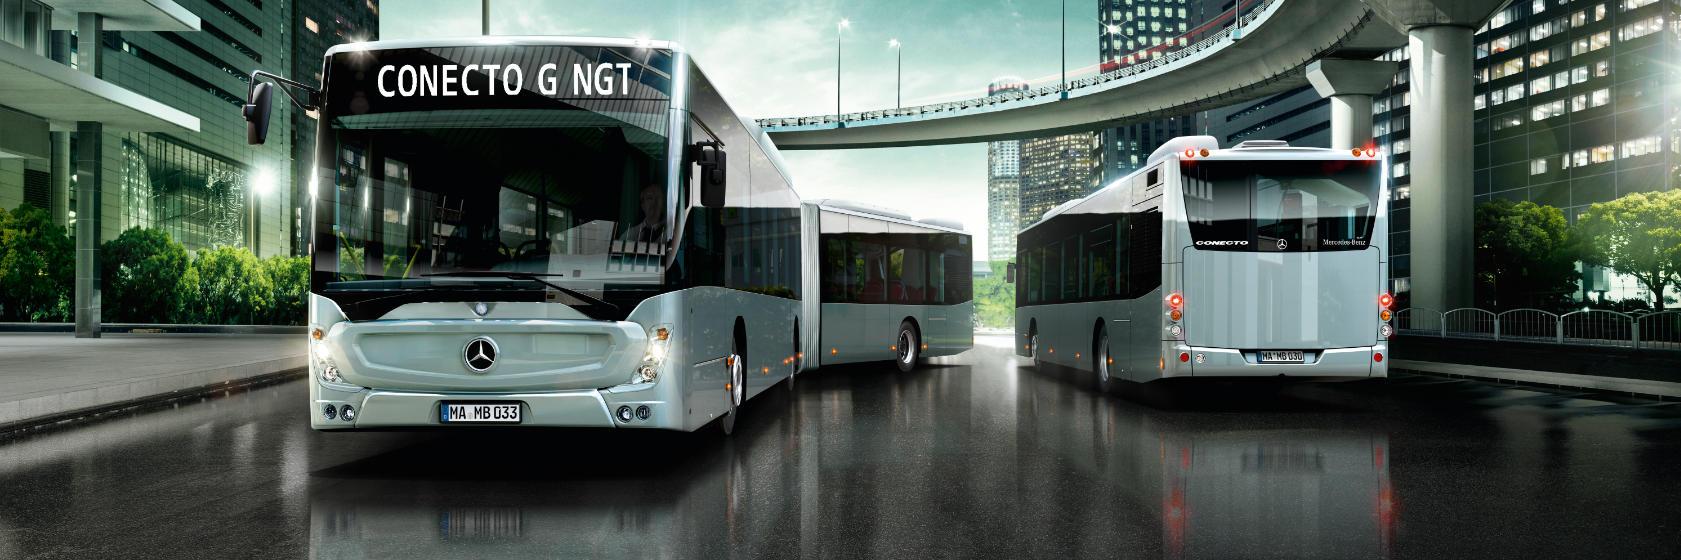 Investiție de 77 milioane de lei în transport. 40 de autobuze Mercedes vor circula prin Sibiu